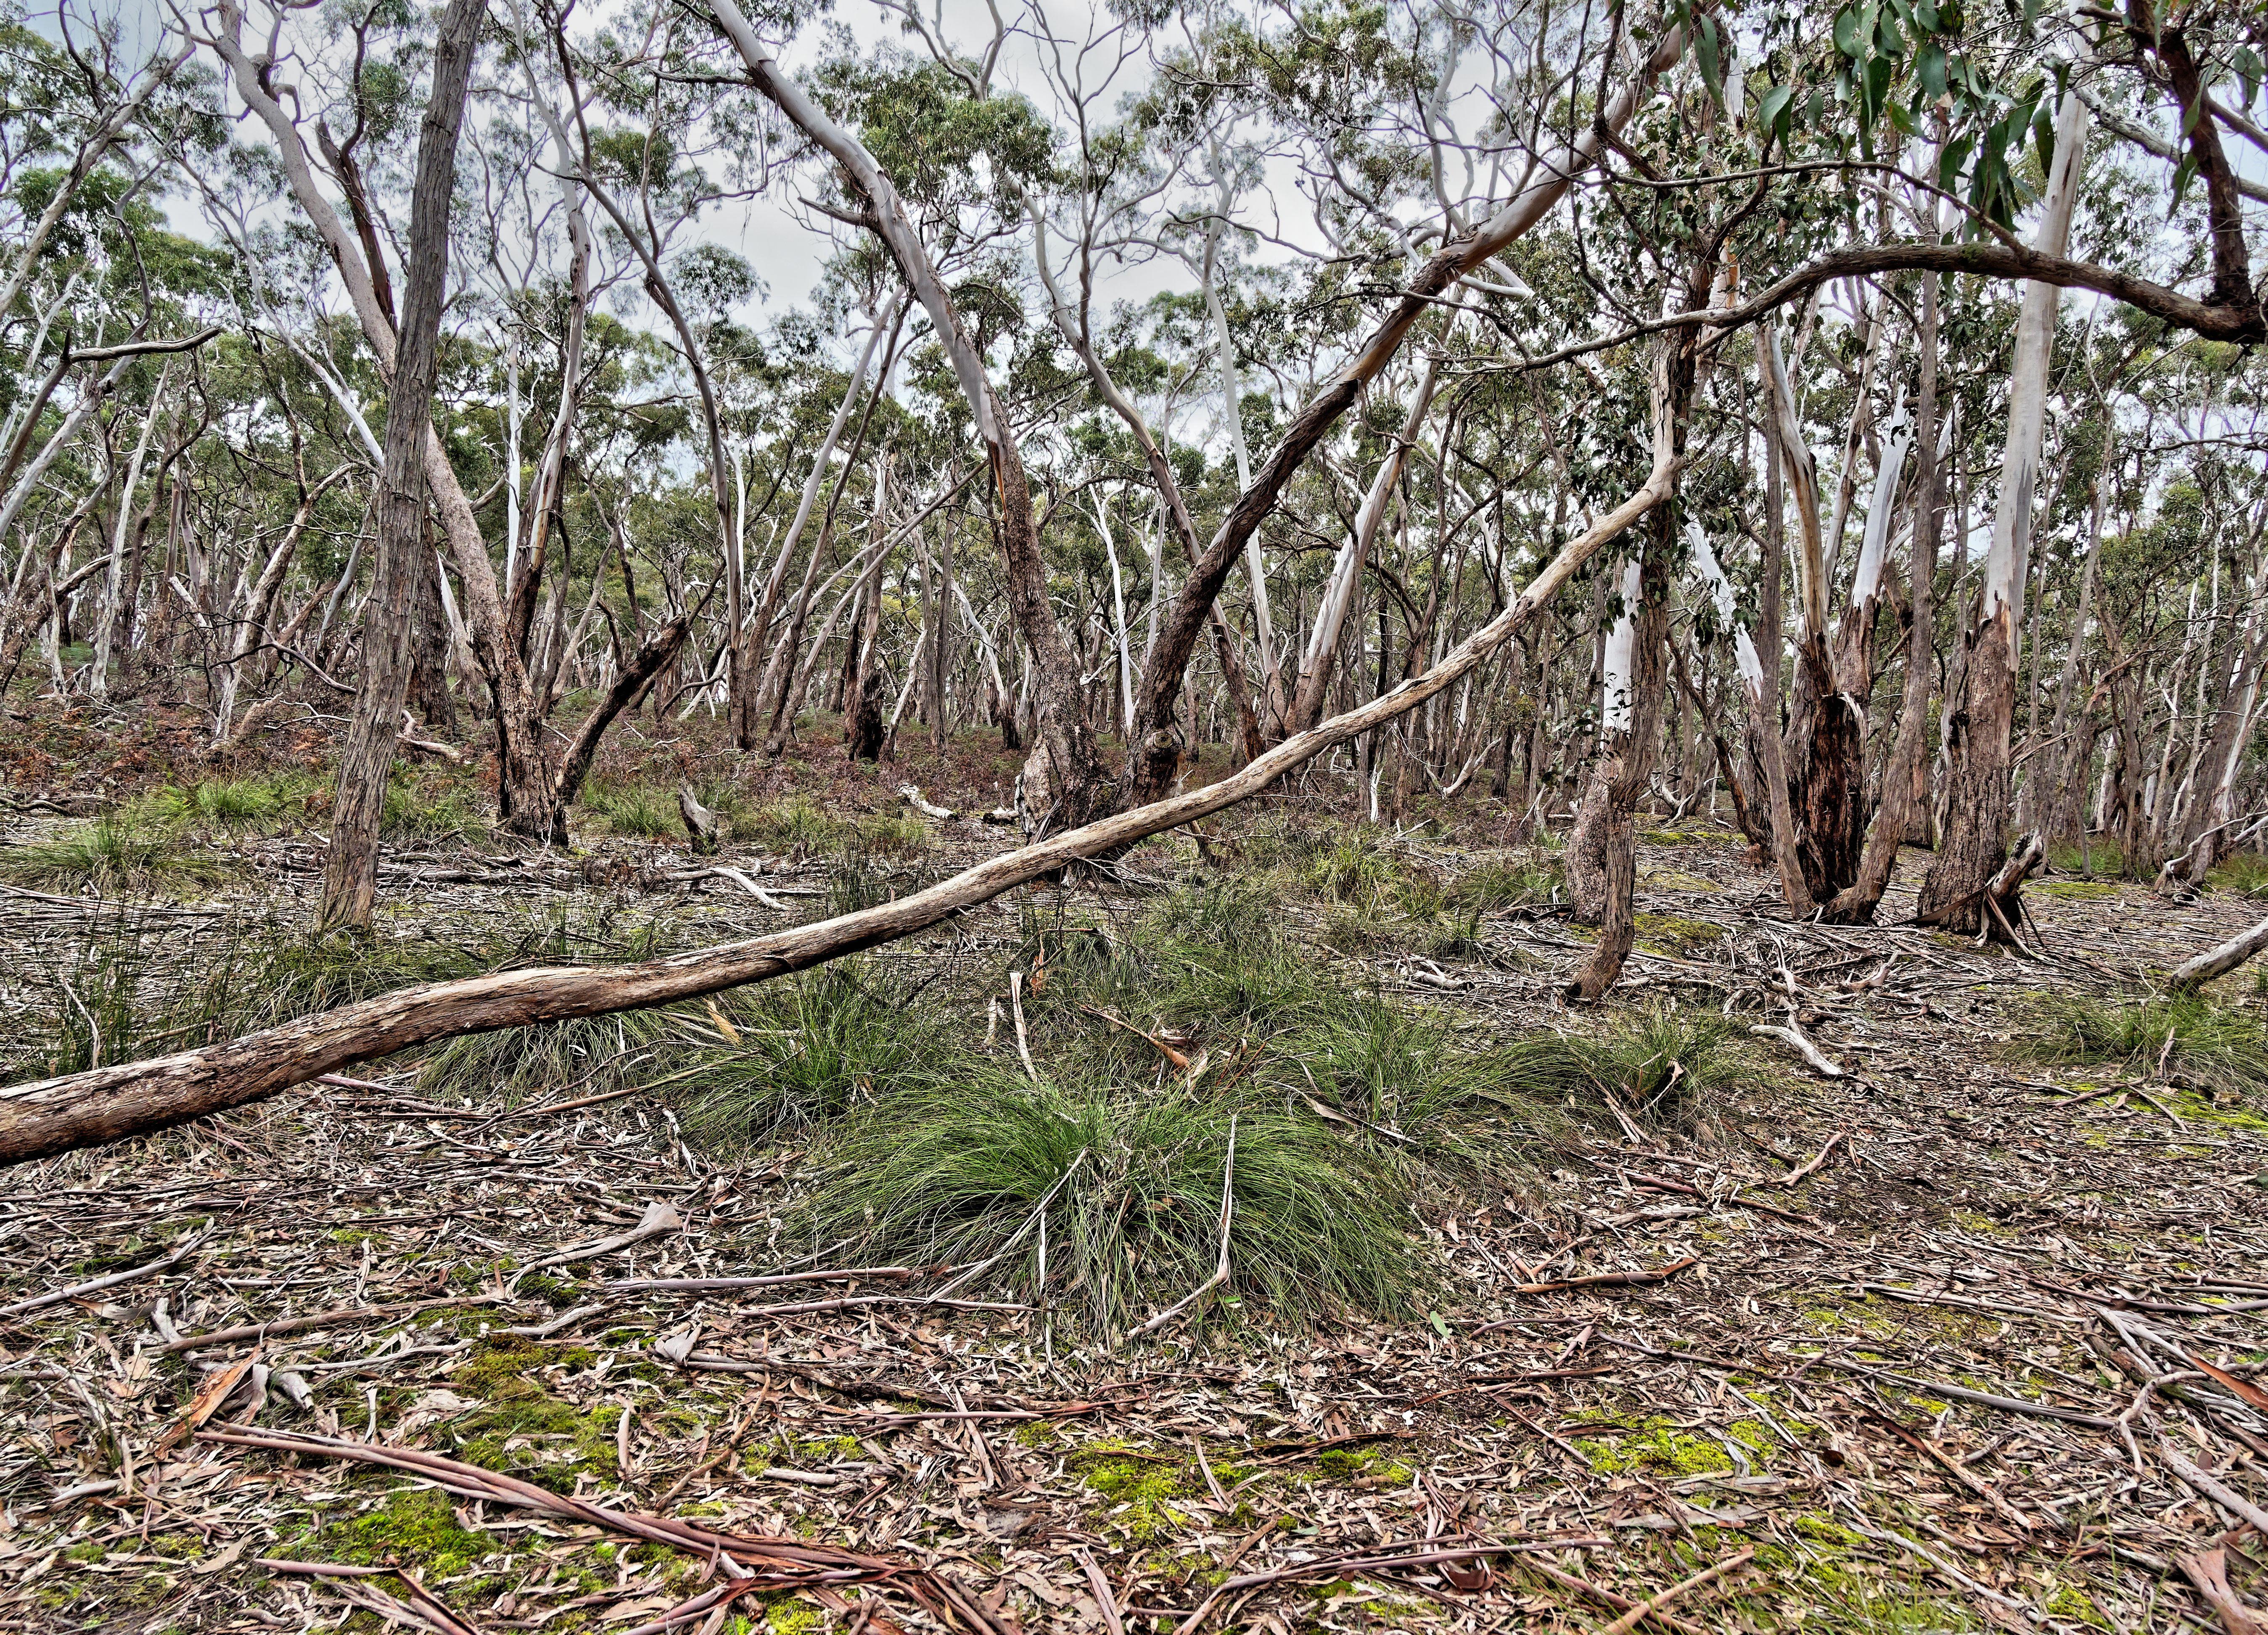 Dereel-bushland-reserve-9.jpeg